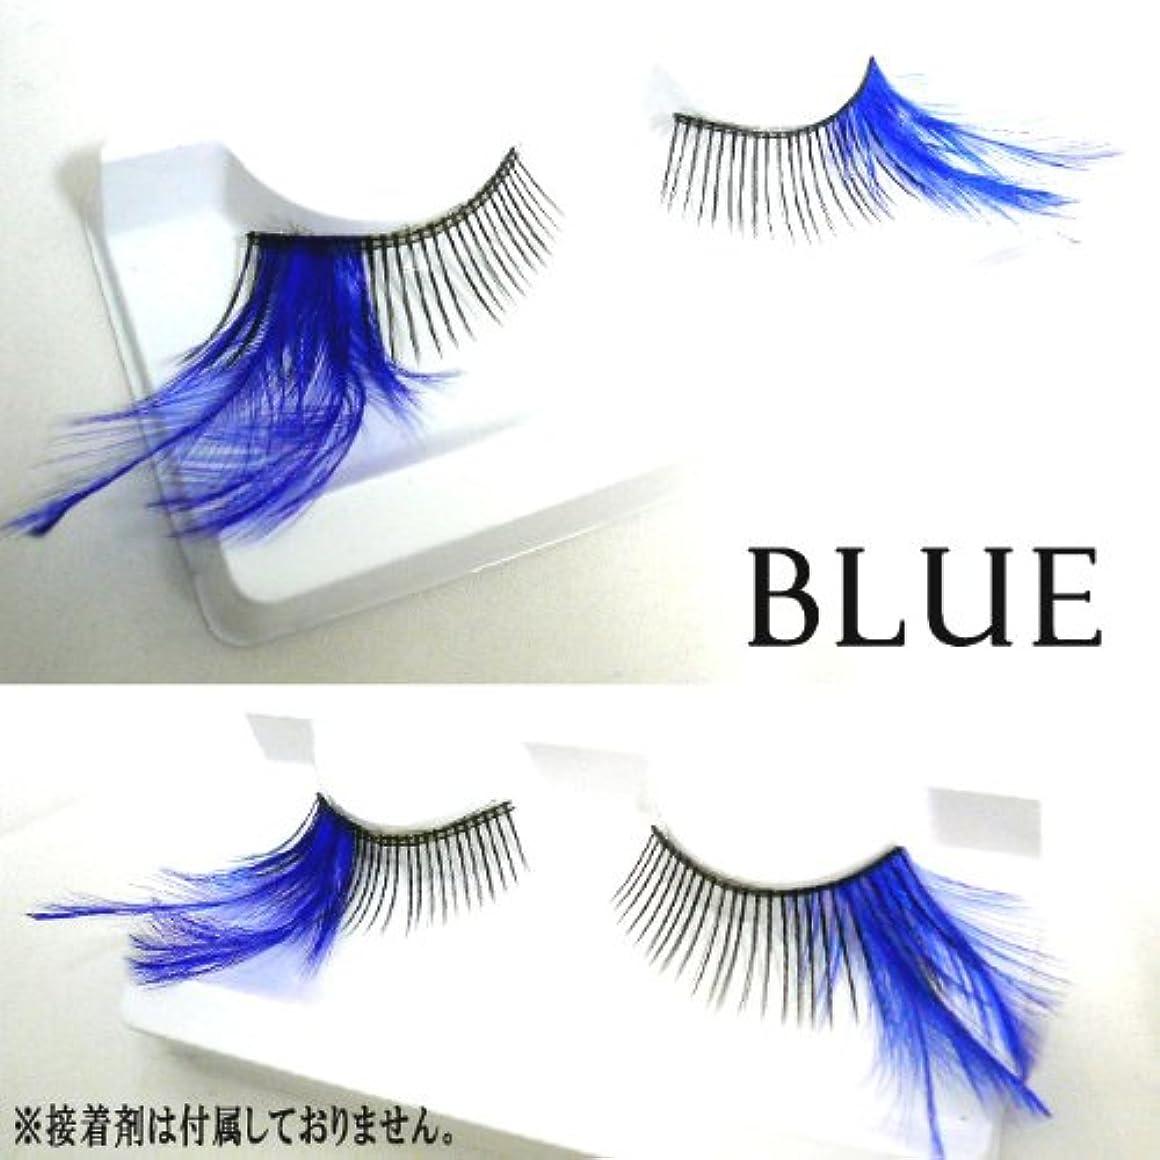 モディッシュ舌な不満羽付きつけまつげ つけまつげ 付けまつげ 羽付き 羽つき ダンス用 ダンス パーティー 発表会 tuke0012s ブルー